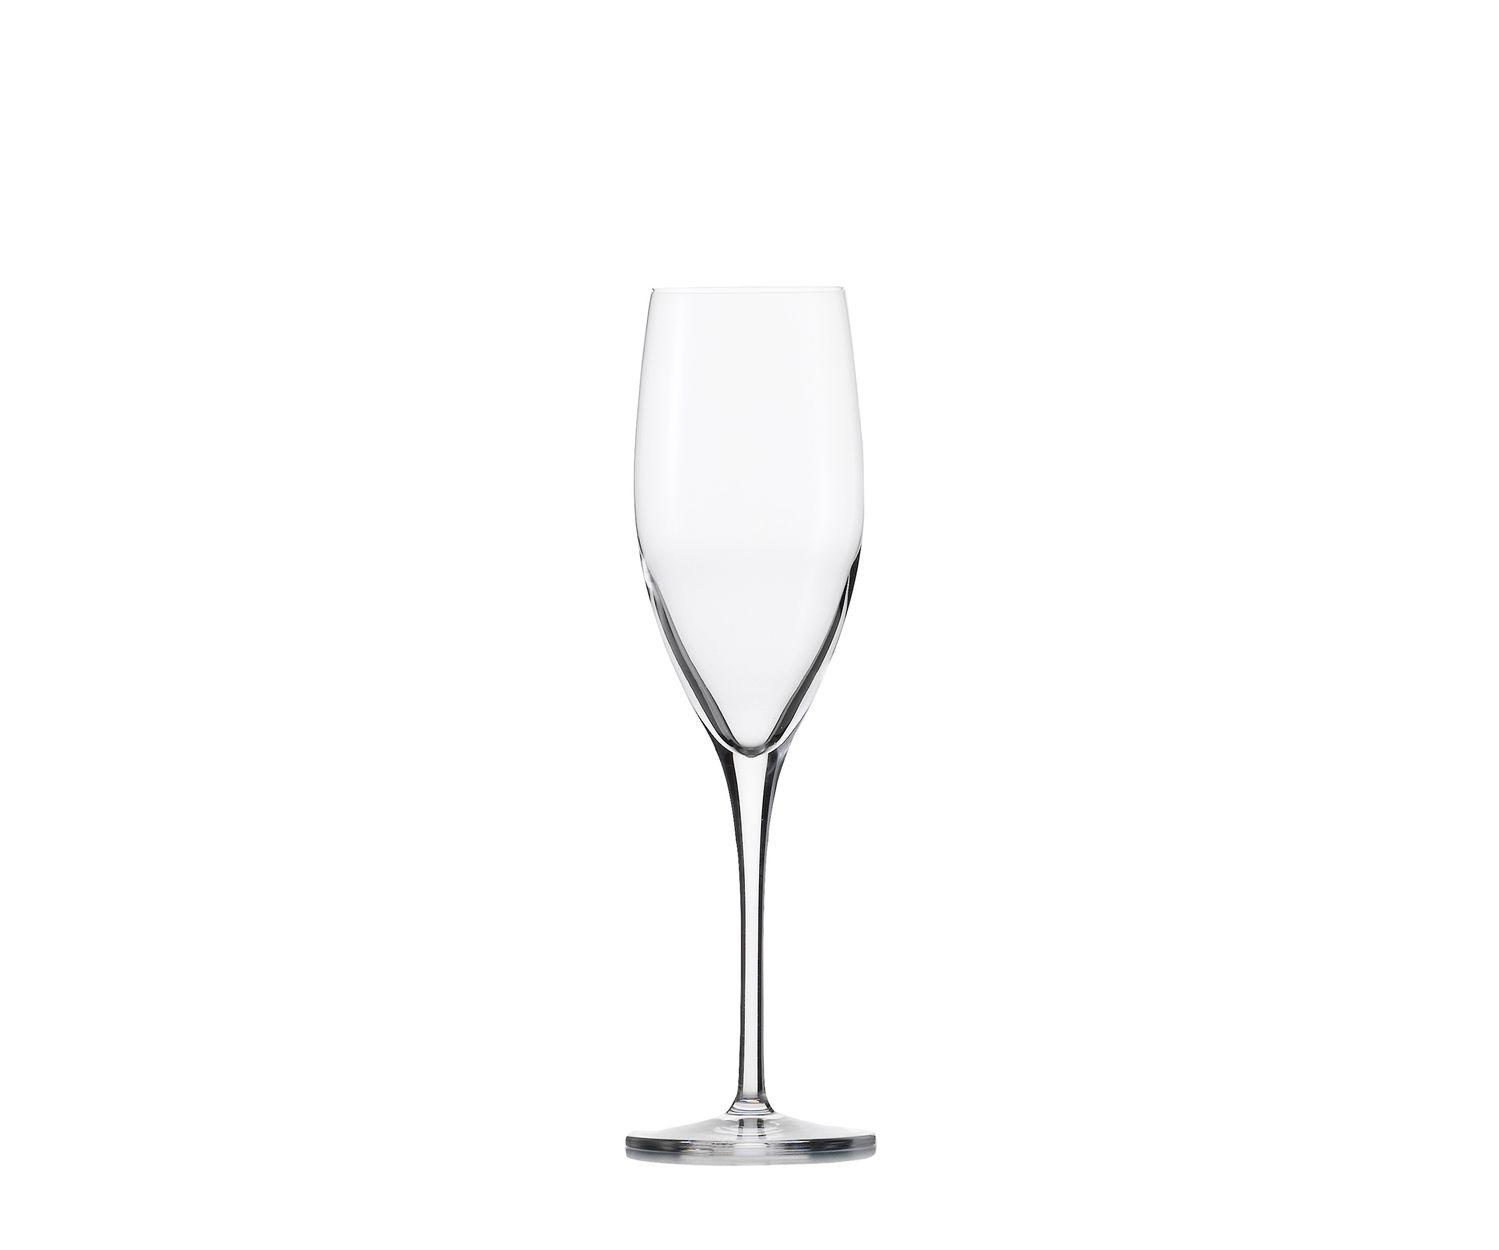 Eisch Champagner Glas Superior Sensis Plus, 6 Stk